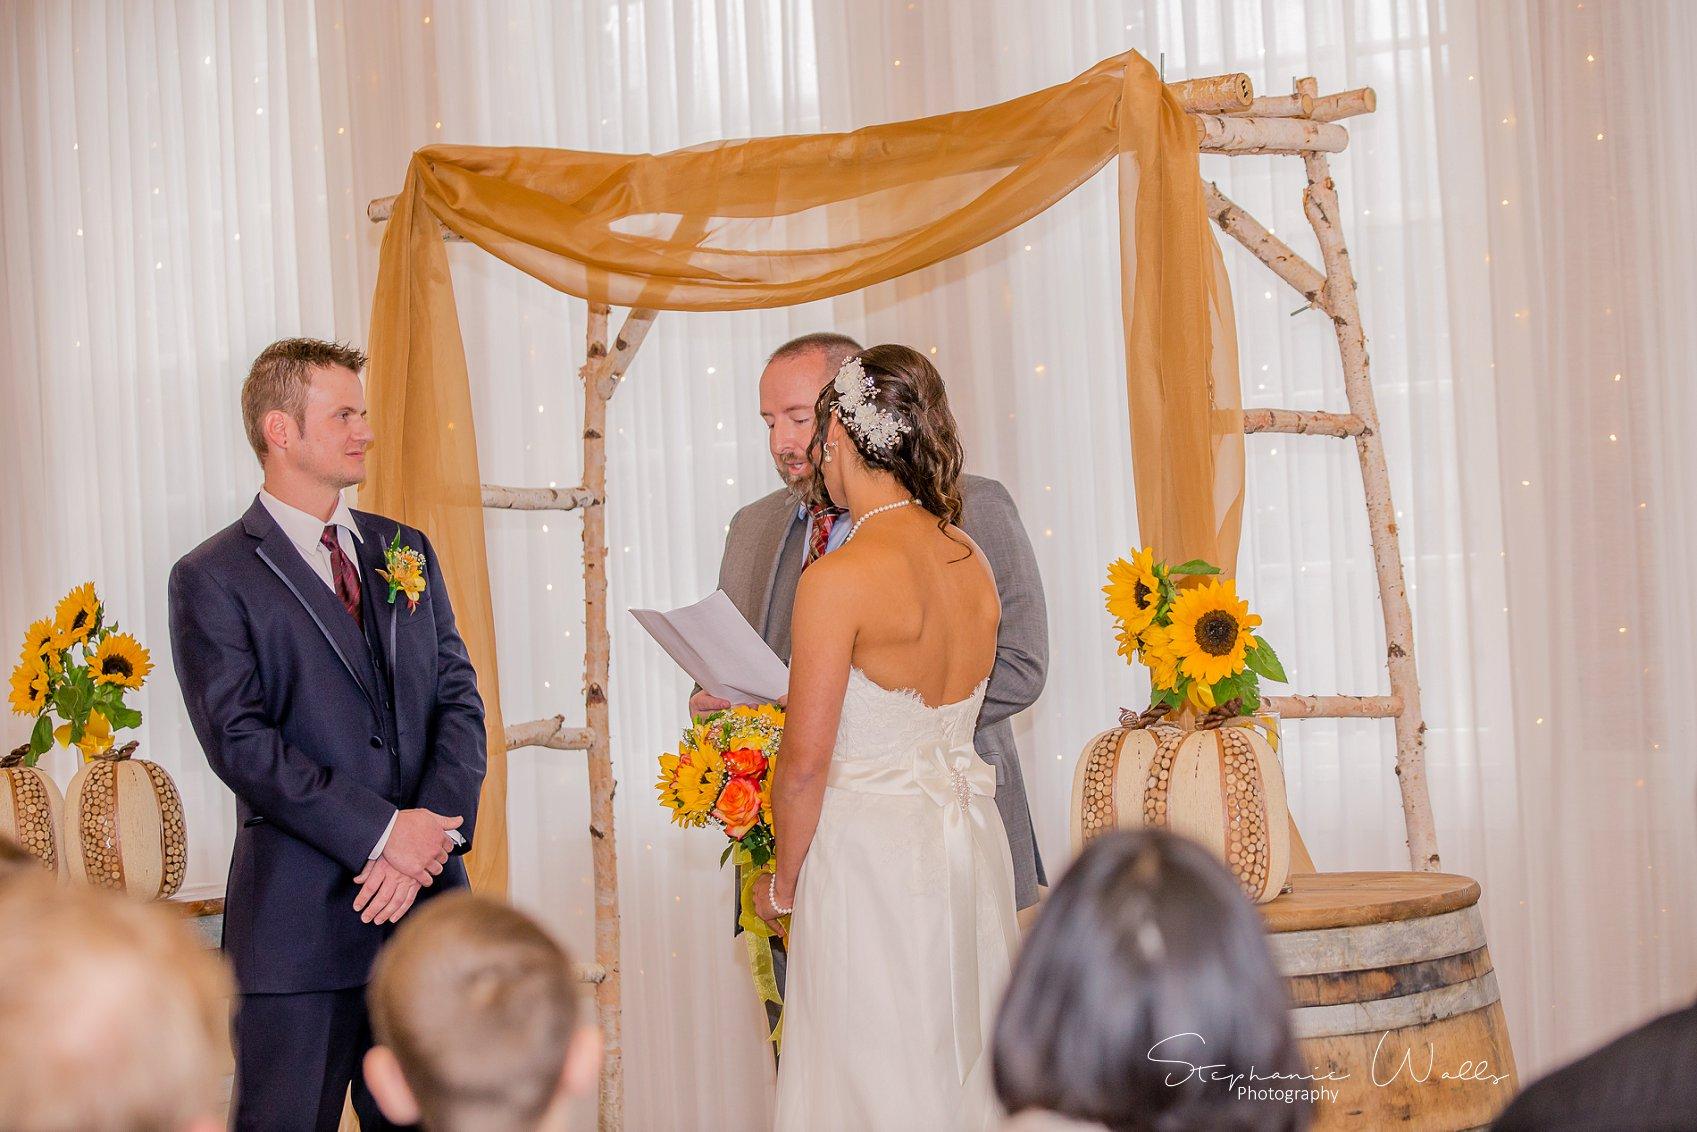 Ceremony 064 1 KK & Zack   Hollywood Schoolhouse Wedding   Woodinville, Wa Wedding Photographer